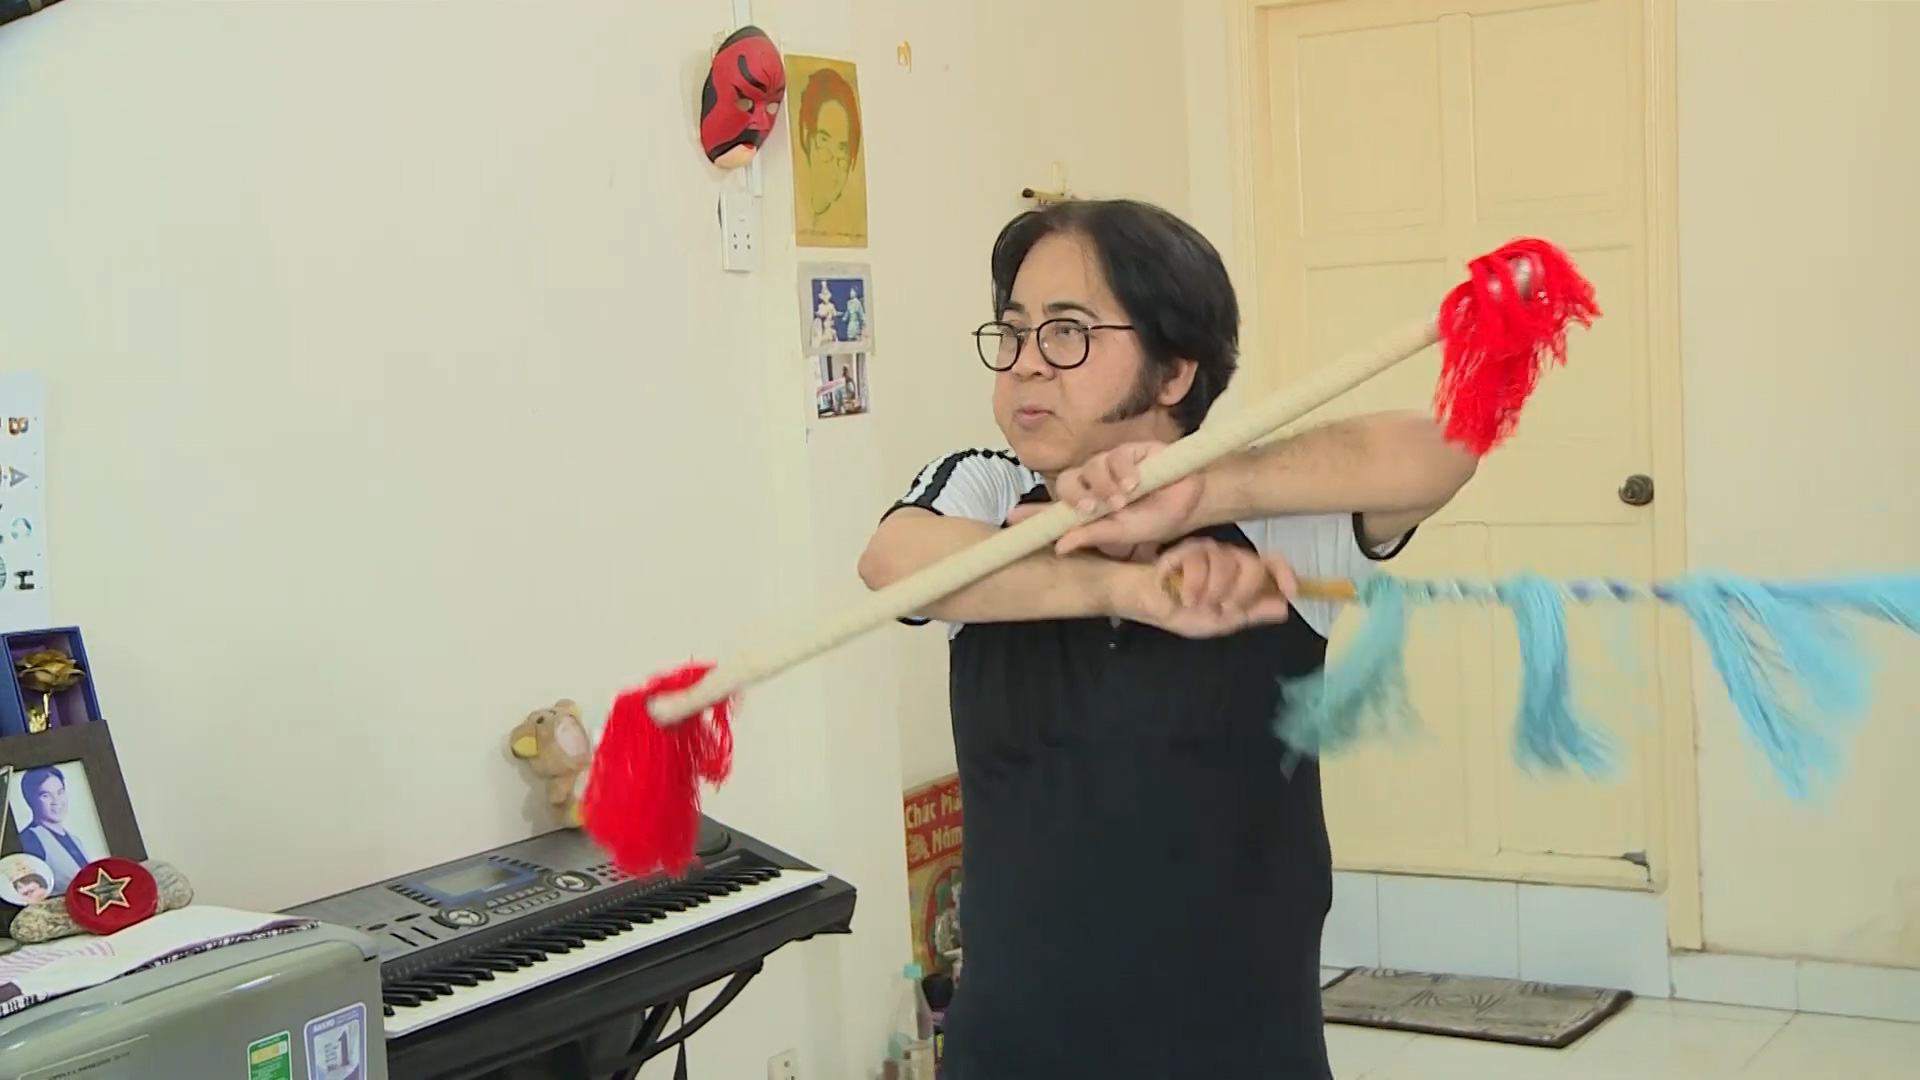 Vì sao nghệ sĩ Bạch Long ở tuổi 62 vẫn lẻ bóng, ở nhà thuê chật hẹp? - Ảnh 2.